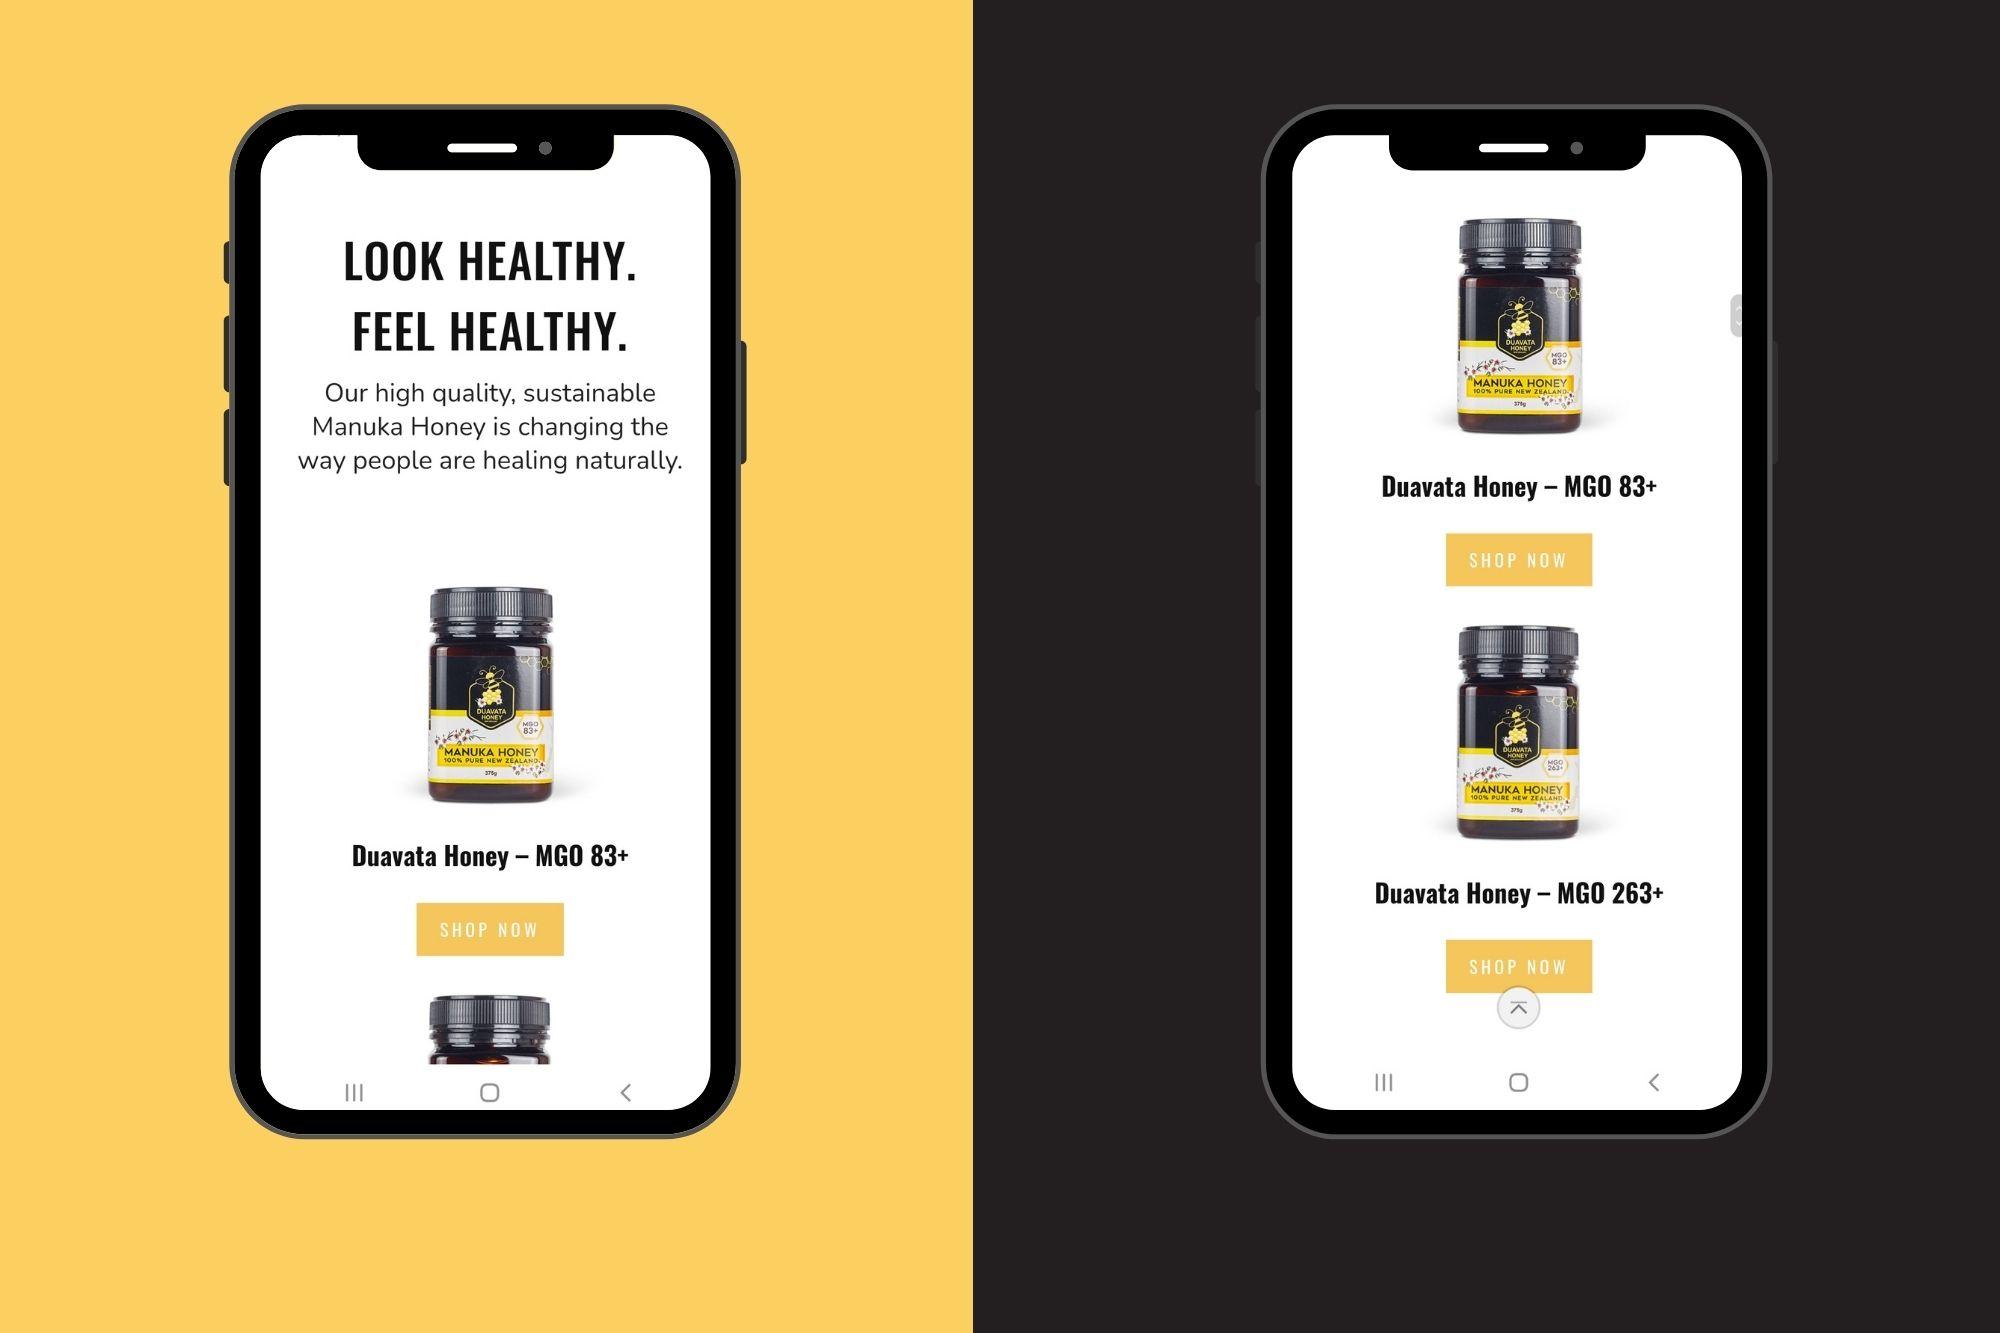 duavata honey mobile optimised website cloud media